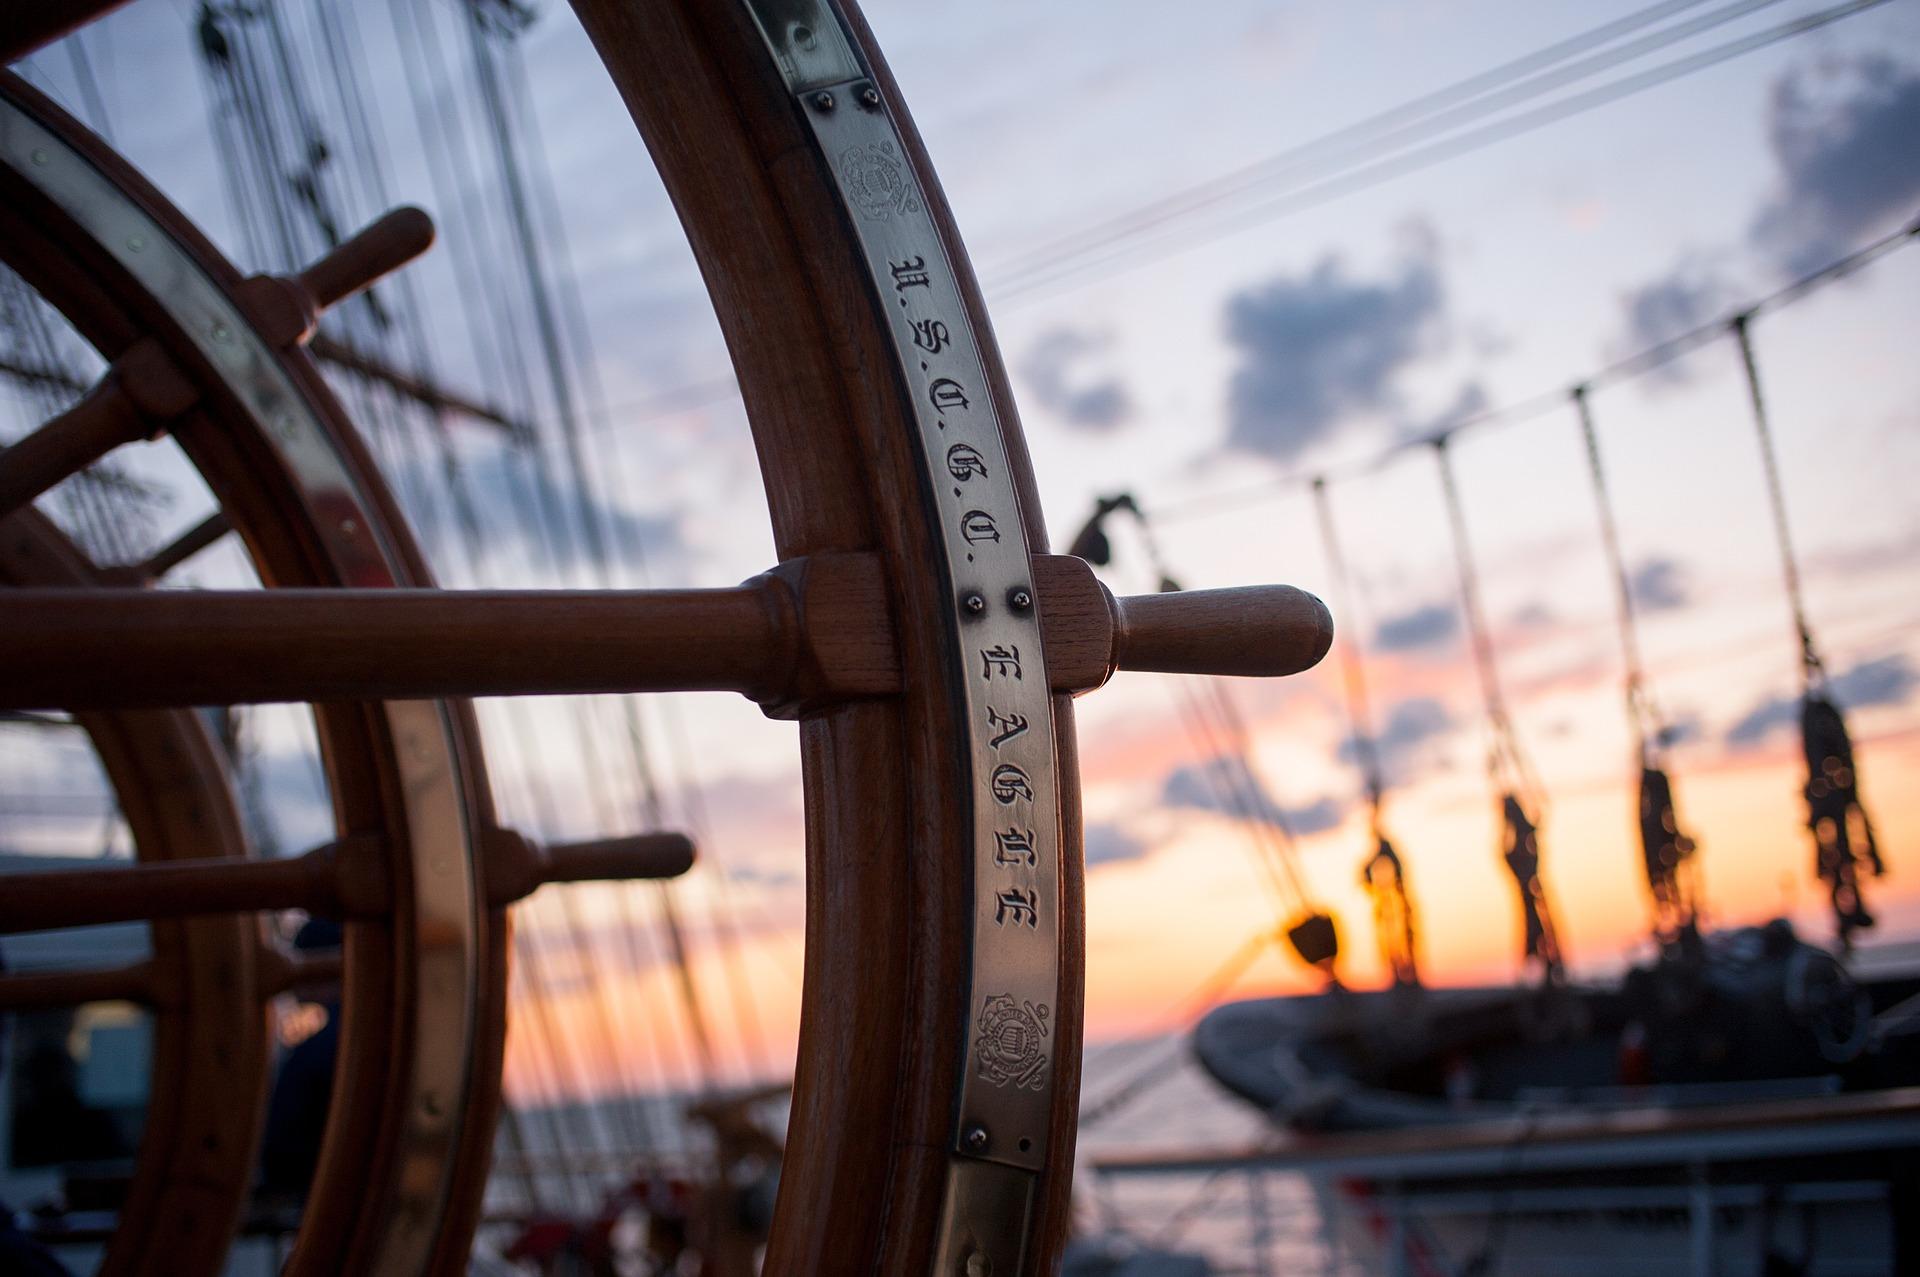 ship-helm-759954_1920.jpg